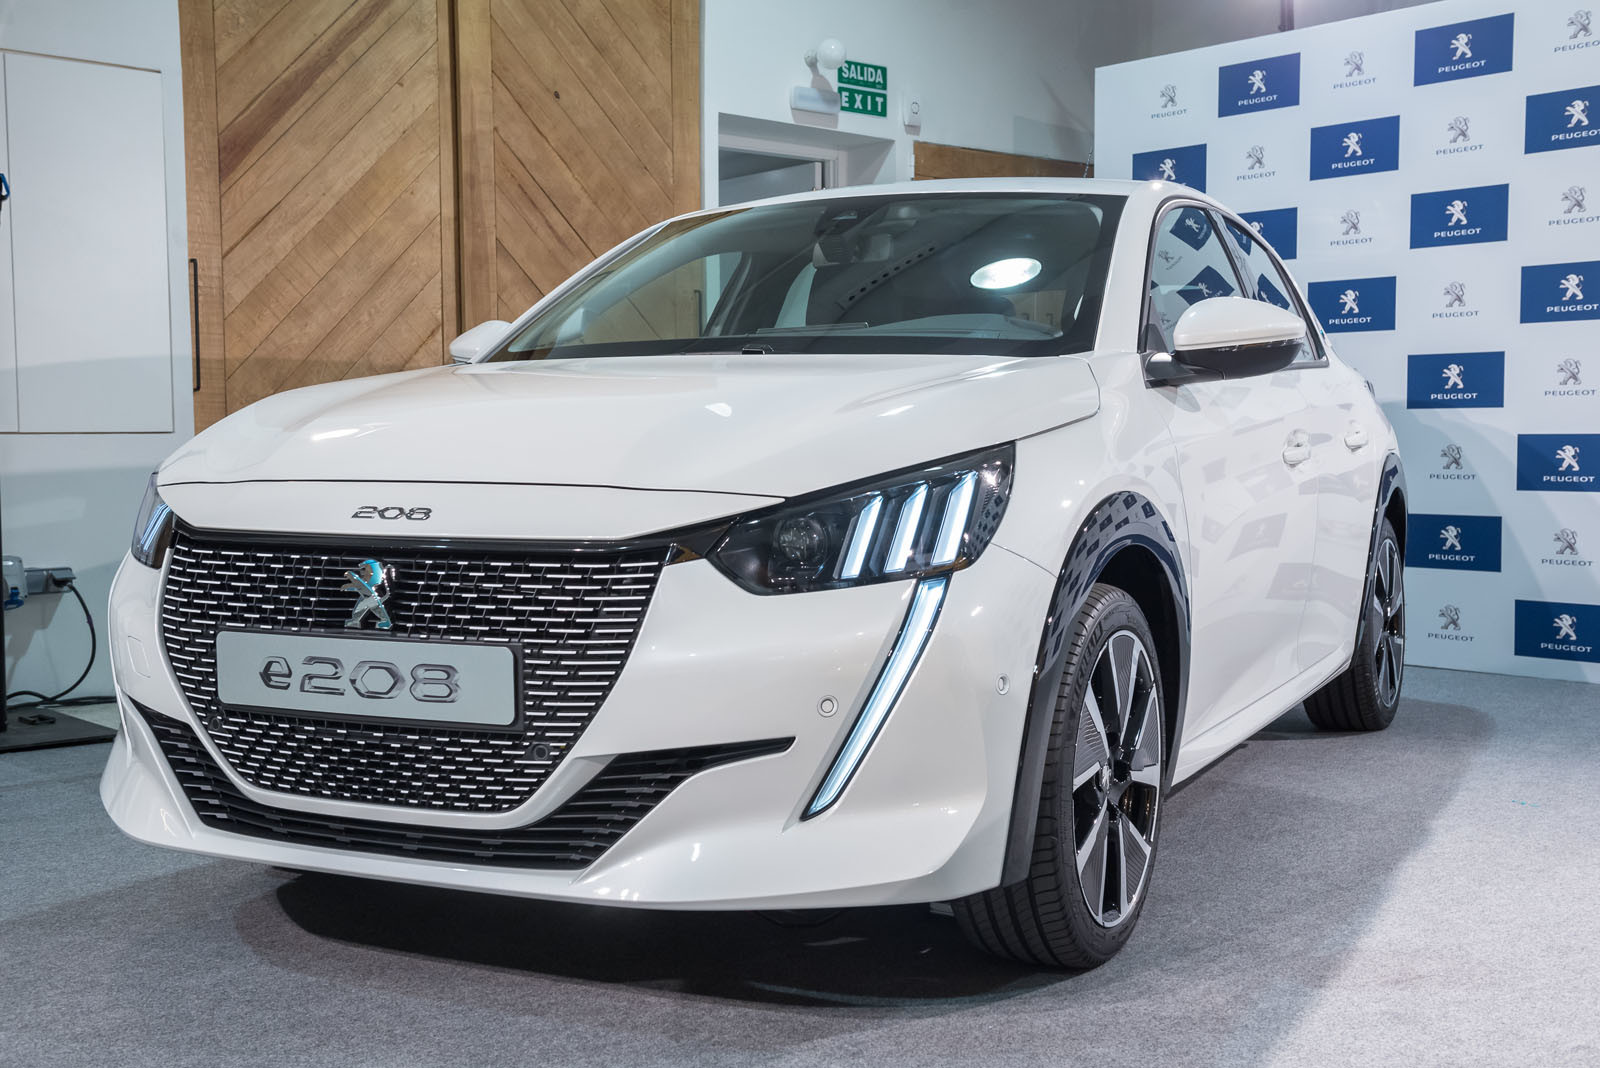 Foto de Peugeot 208 y e-208 2019 (presentación estática) (46/64)